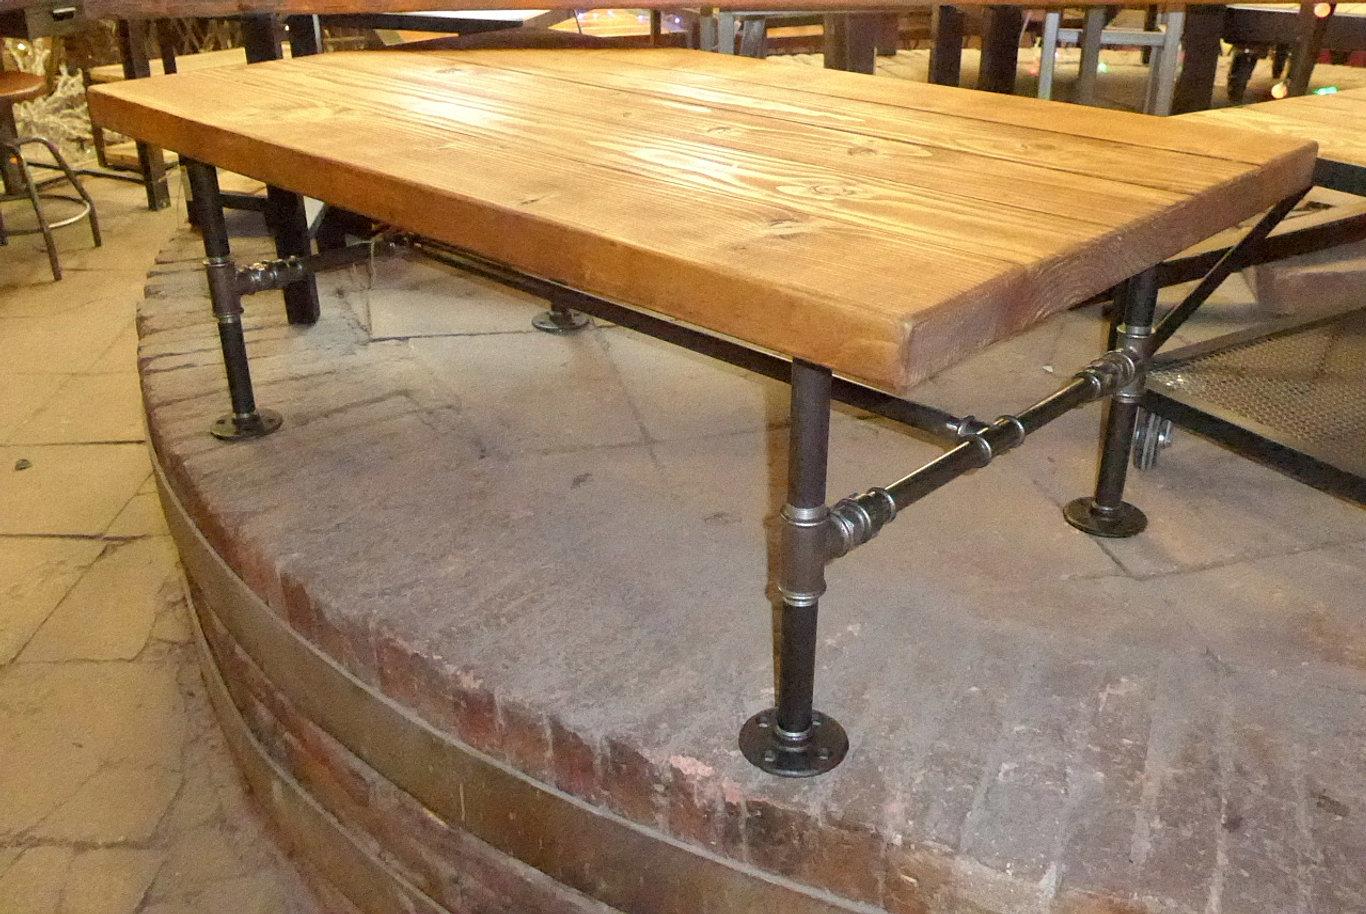 Muebles de dise o y de estilo industrial muebles metal y - Muebles diseno industrial ...